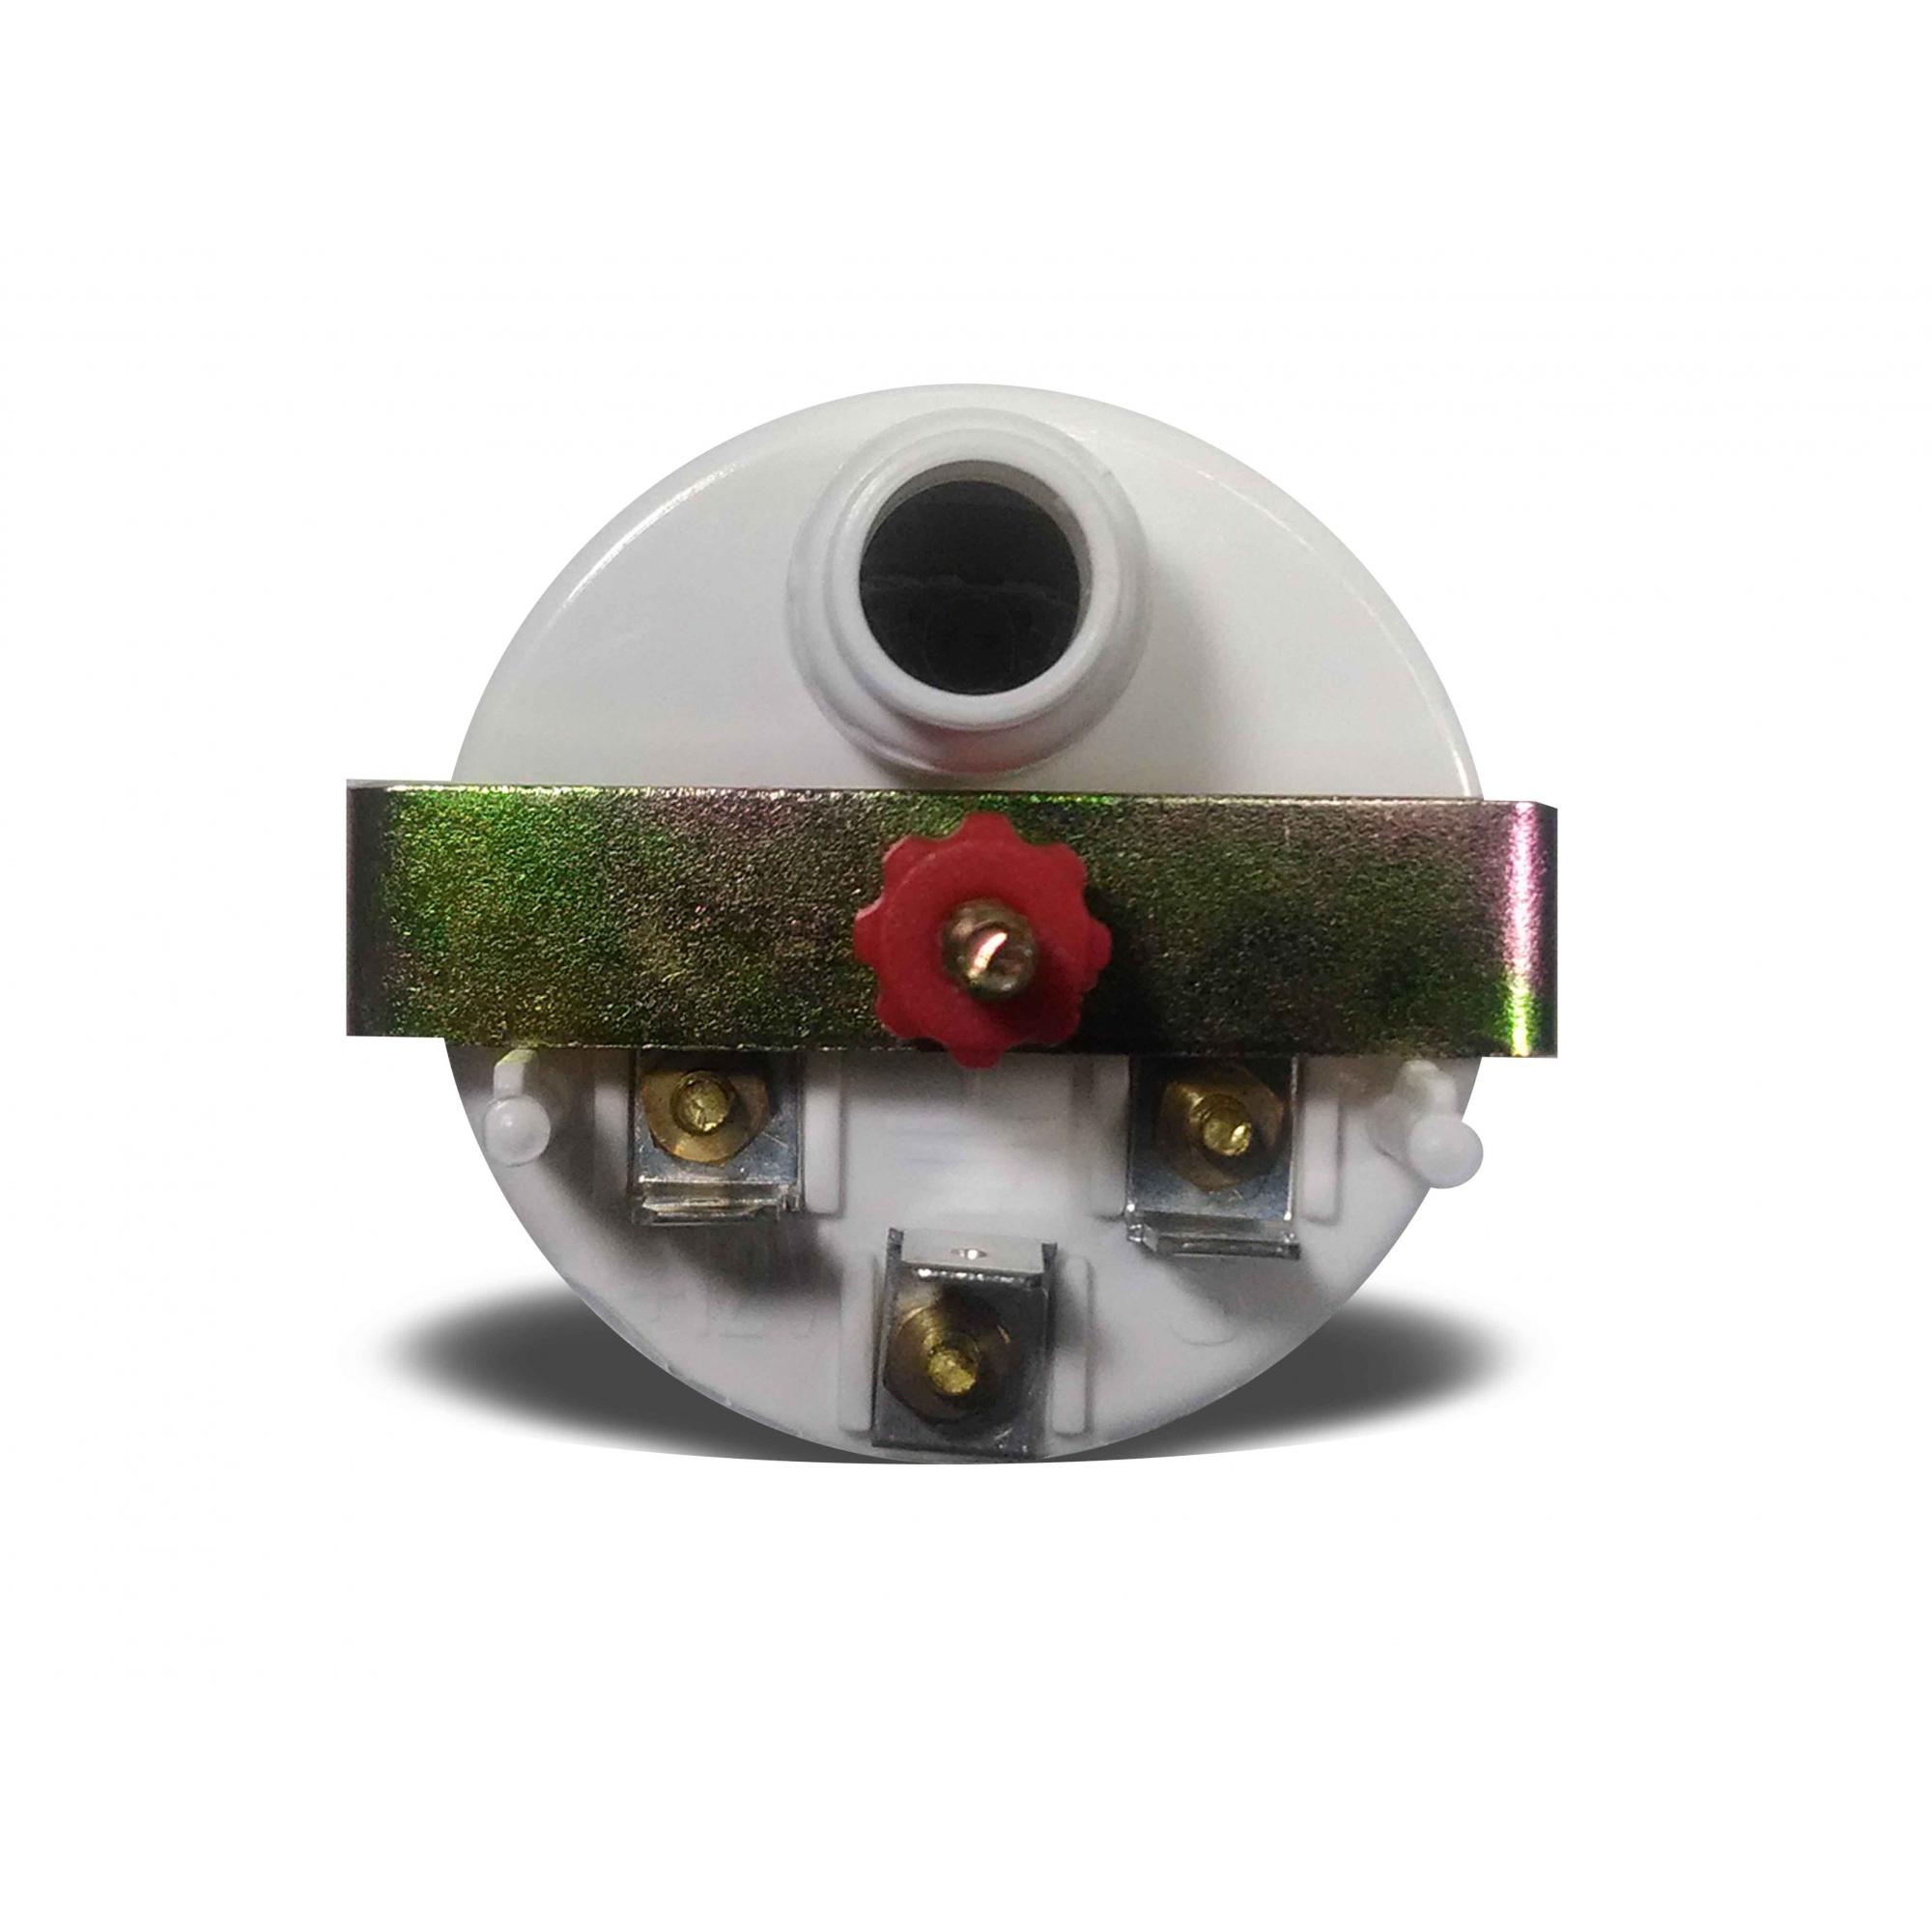 Manômetro Indicador Nível de Combustível 52mm Elétrico Street Preto